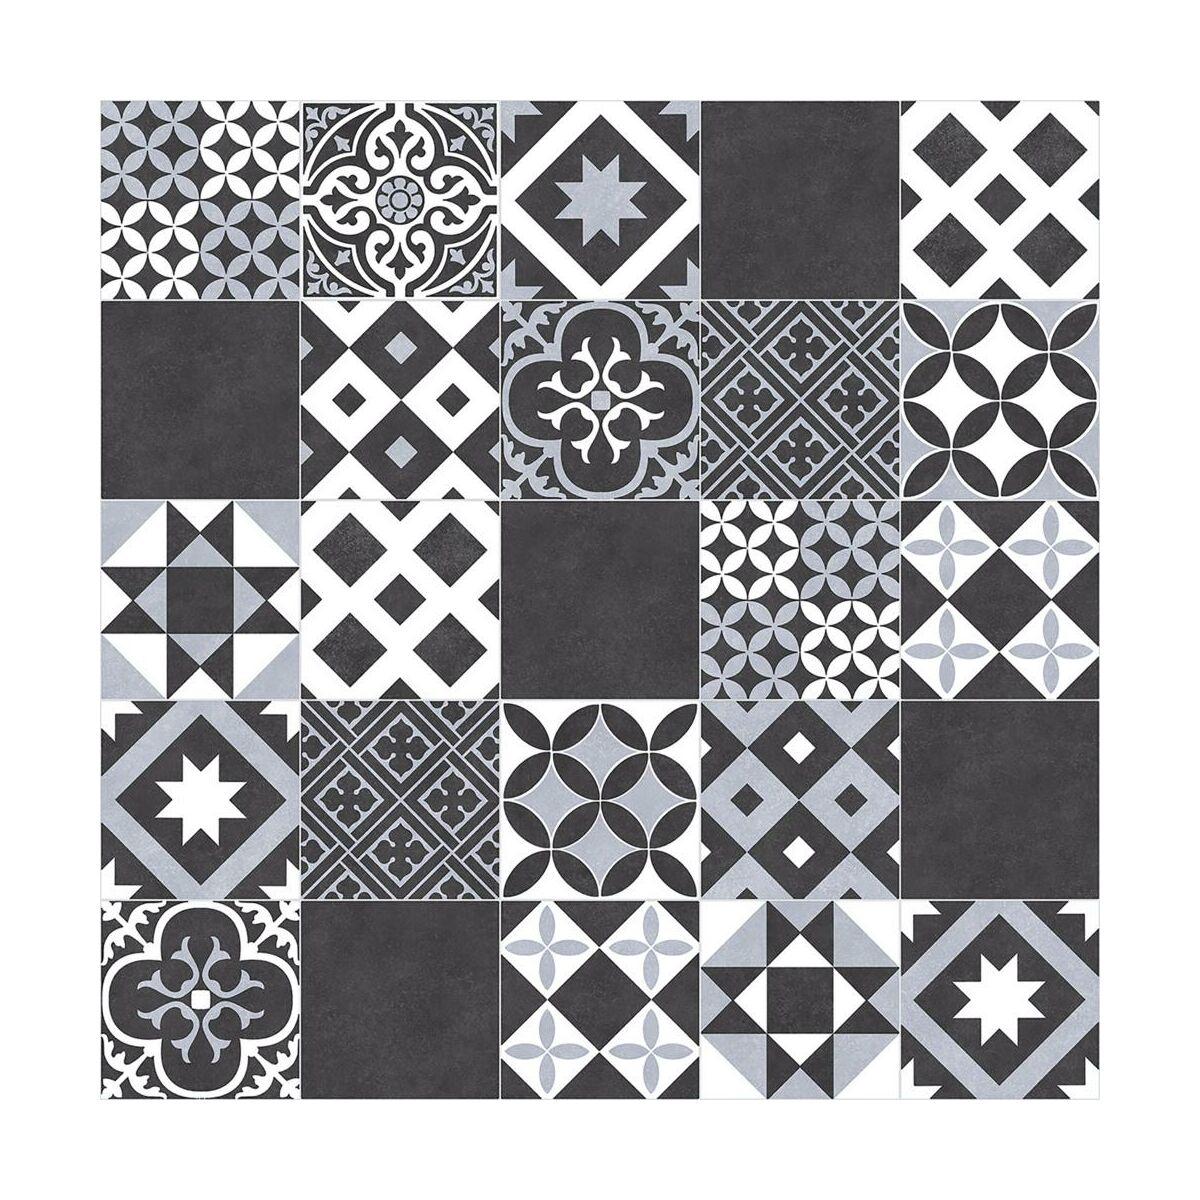 Wykladzina Pcv Plaza Amadora Czarno Biala Mozaika 3 M Wykladziny Pcv W Atrakcyjnej Cenie W Sklepach Leroy Merlin